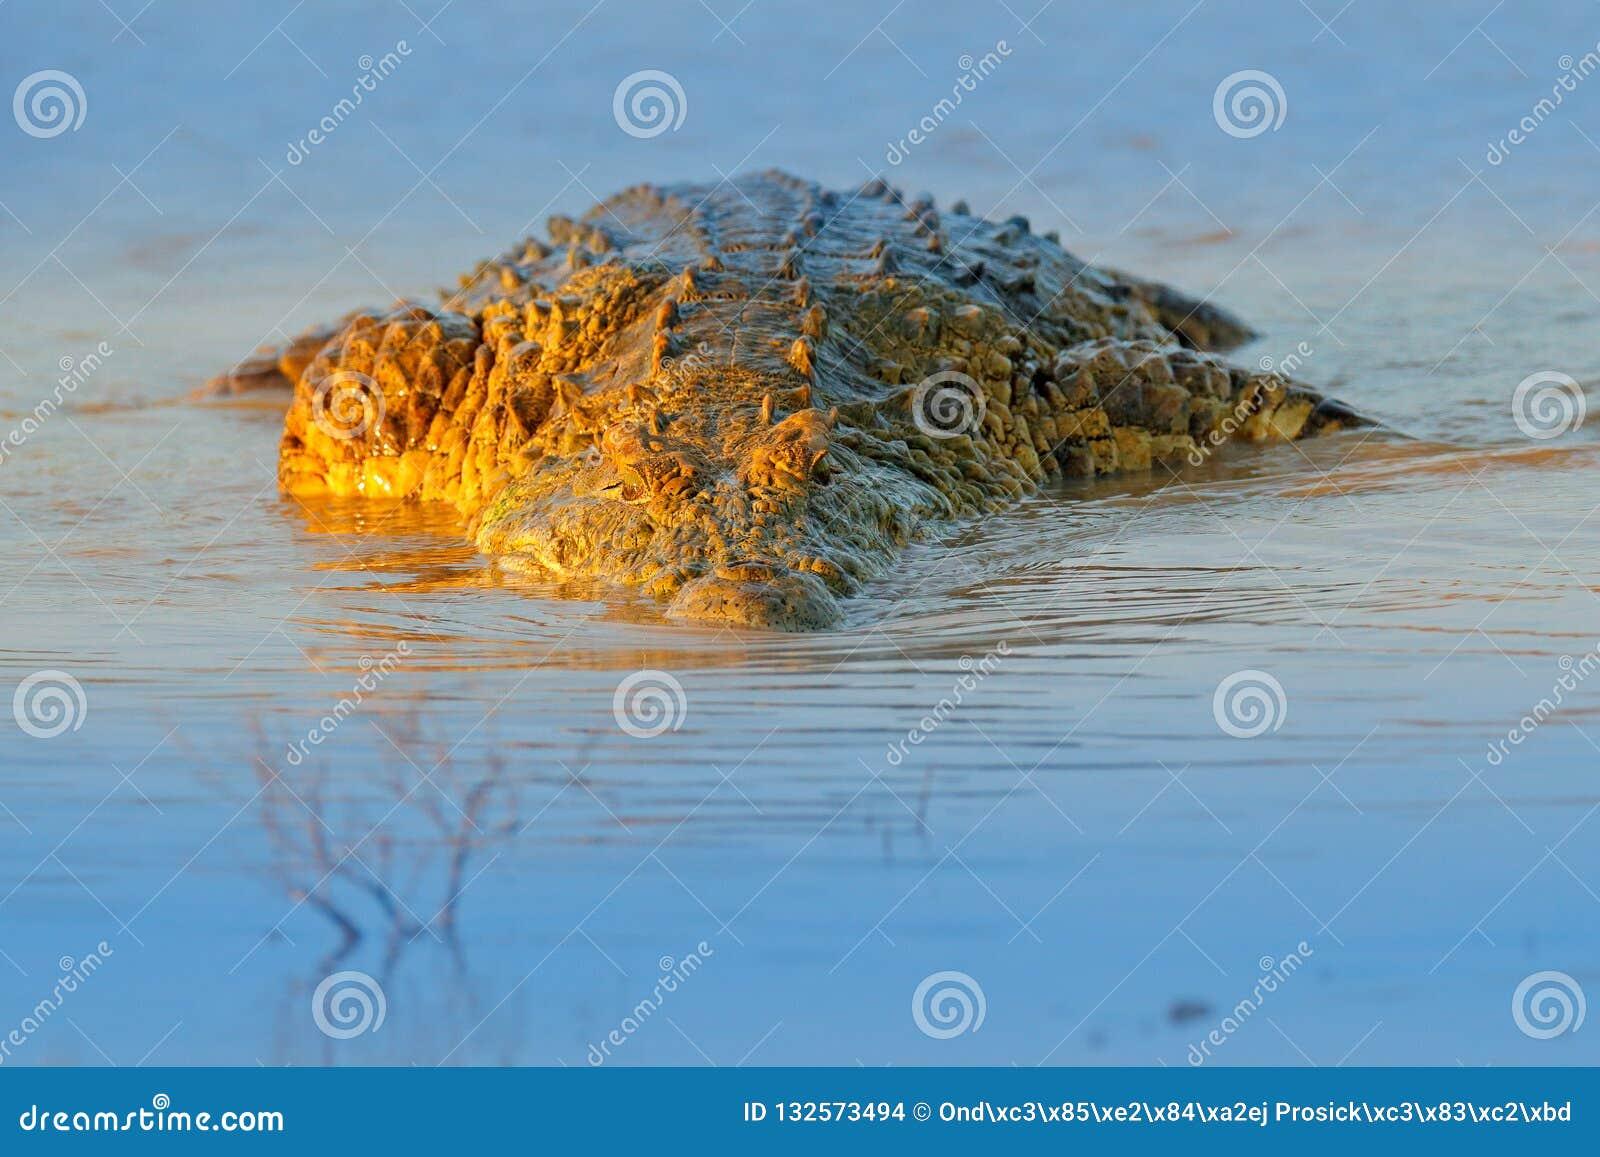 尼罗鳄鱼,湾鳄niloticus,与开放枪口,在河岸中,奥卡万戈三角洲,Moremi,博茨瓦纳 野生生物场面从